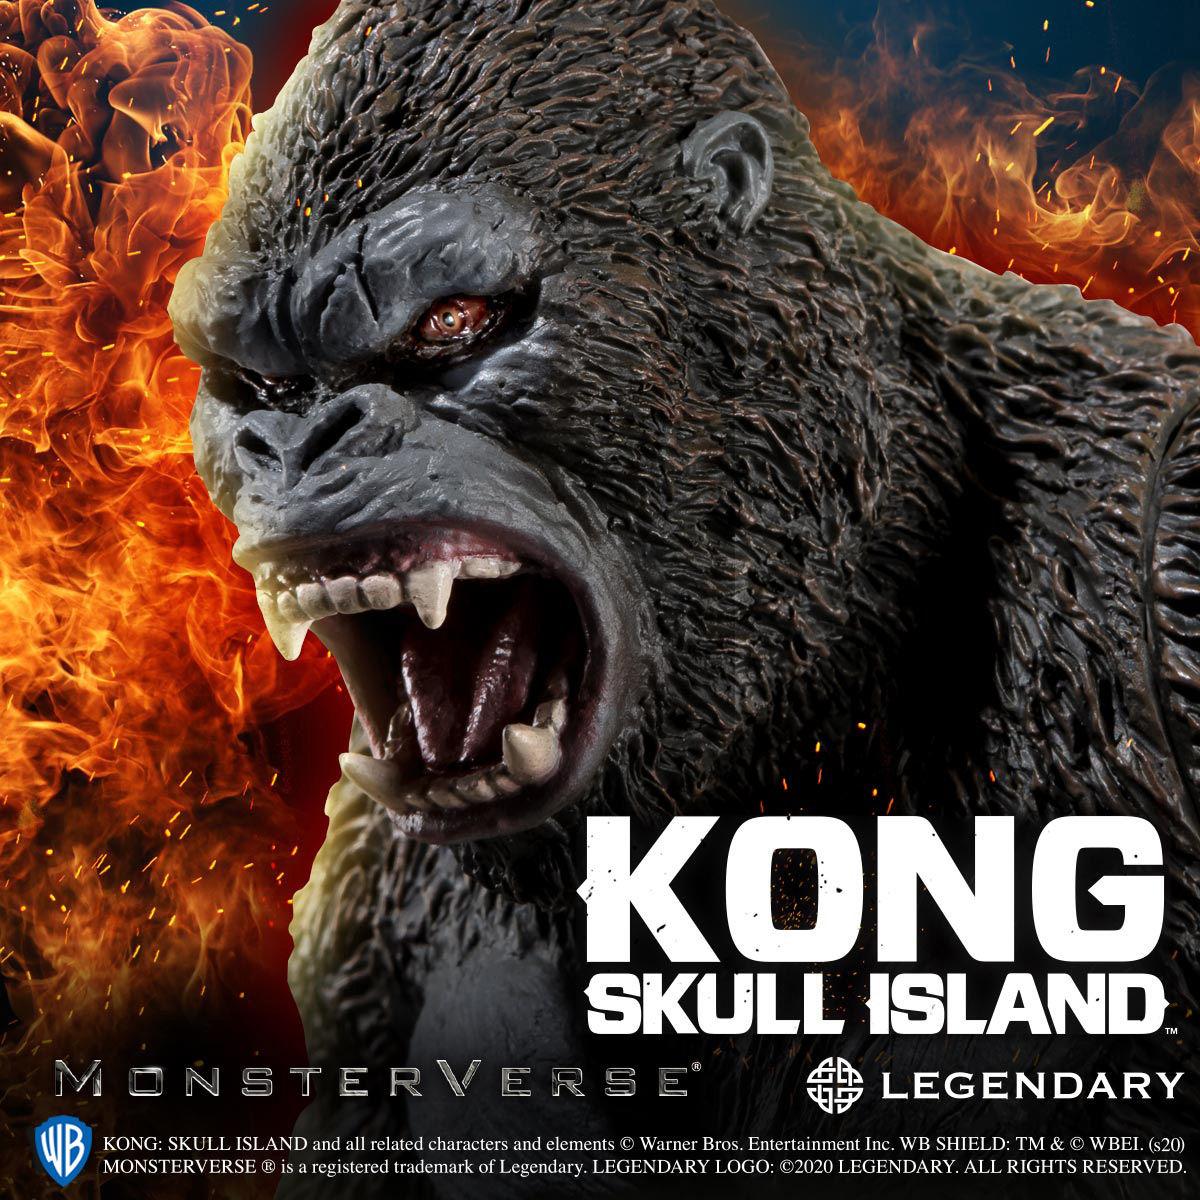 【限定販売】キングコング: 髑髏島の巨神『KONG SKULL ISLAND』ソフビフィギュア-001